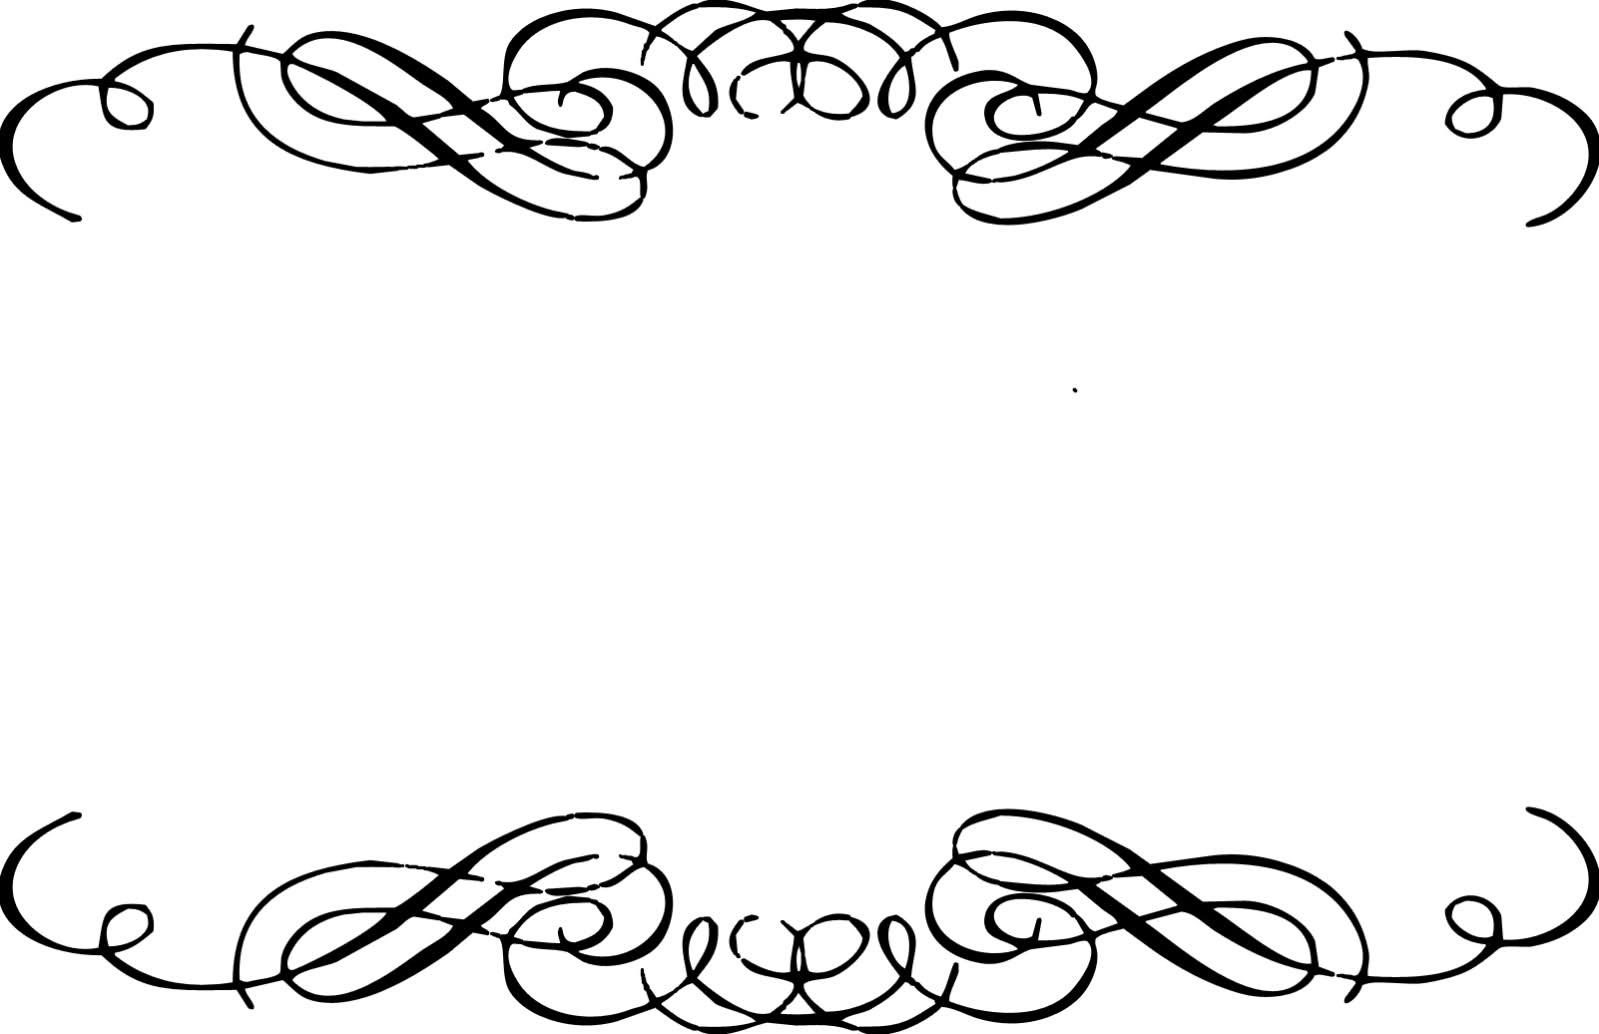 swirl border clipart - Free Clip Art Borders